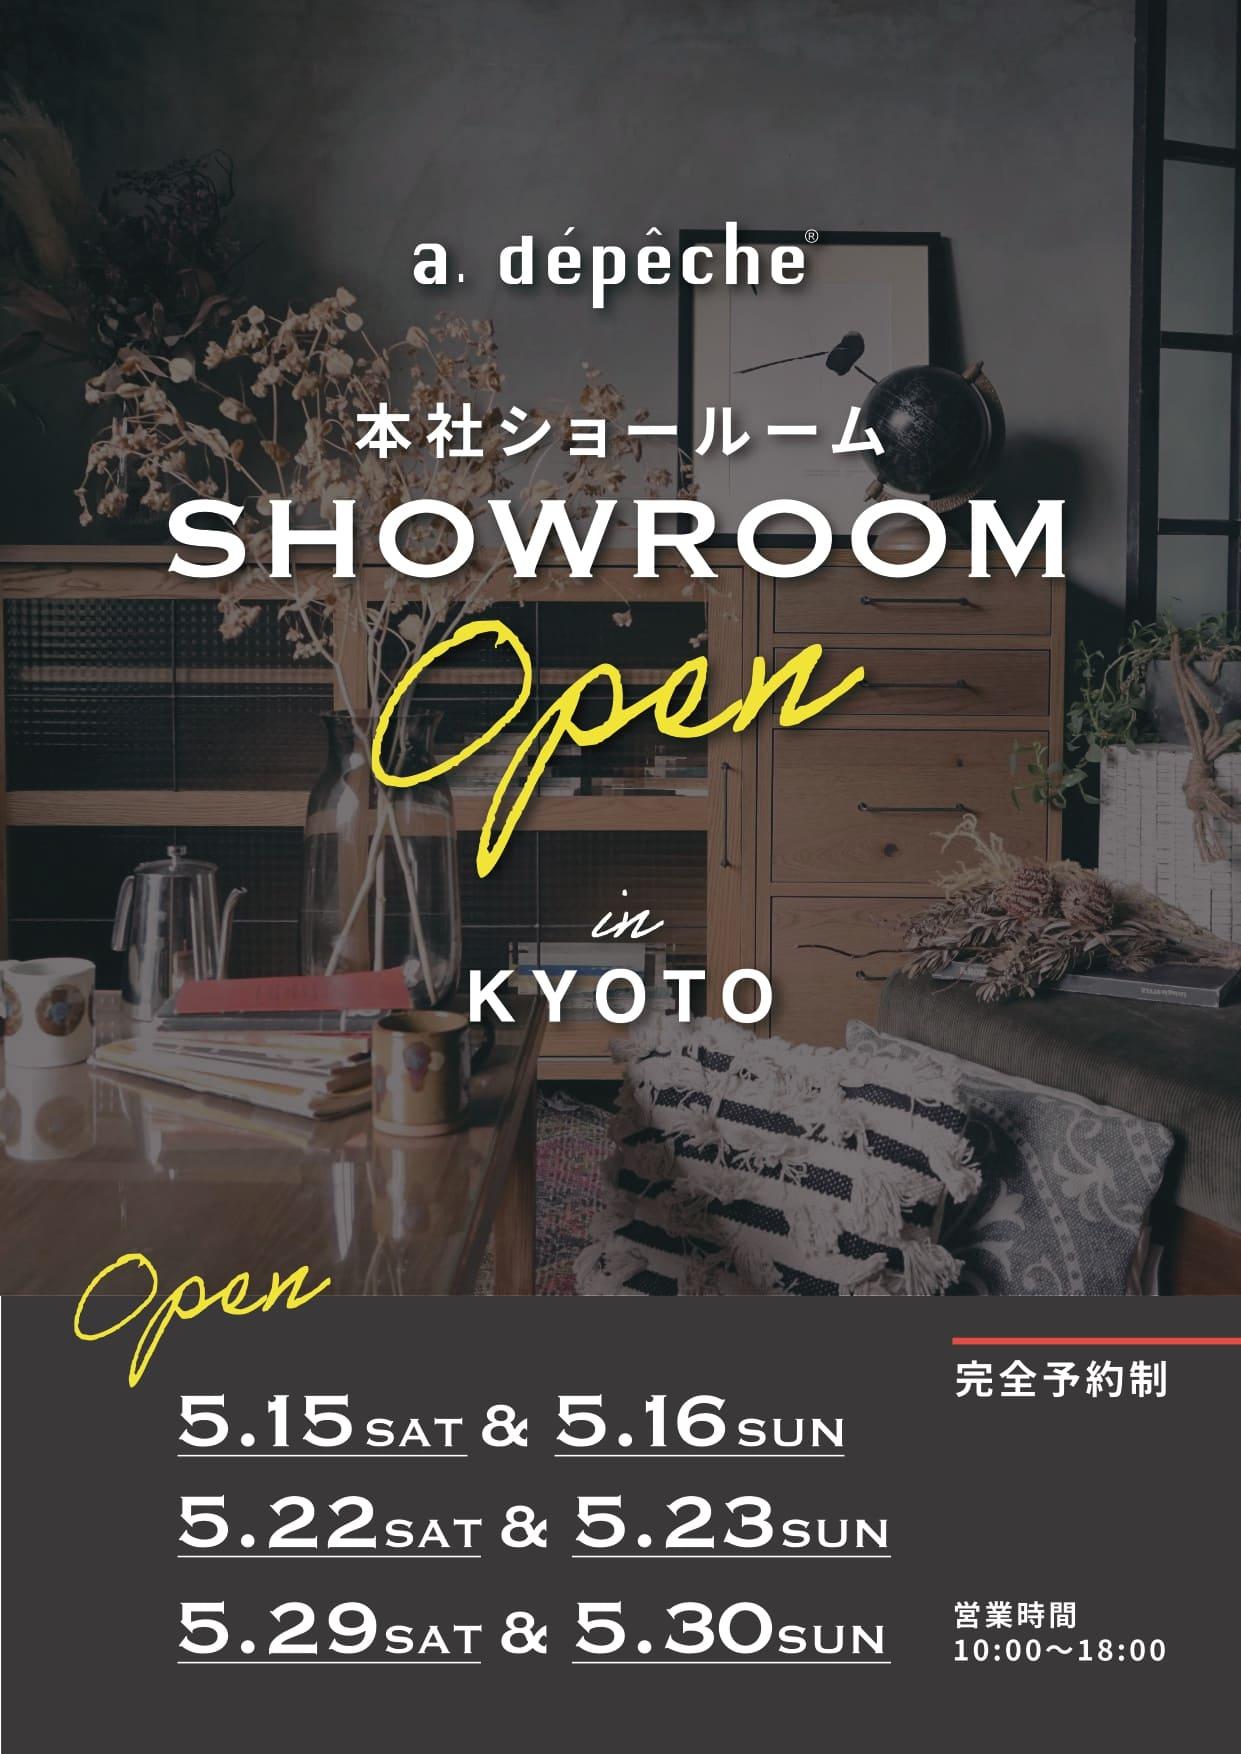 ◆期間限定SHOWROOMオープン(京都本社)◆のご案内【アプリ会員限定】